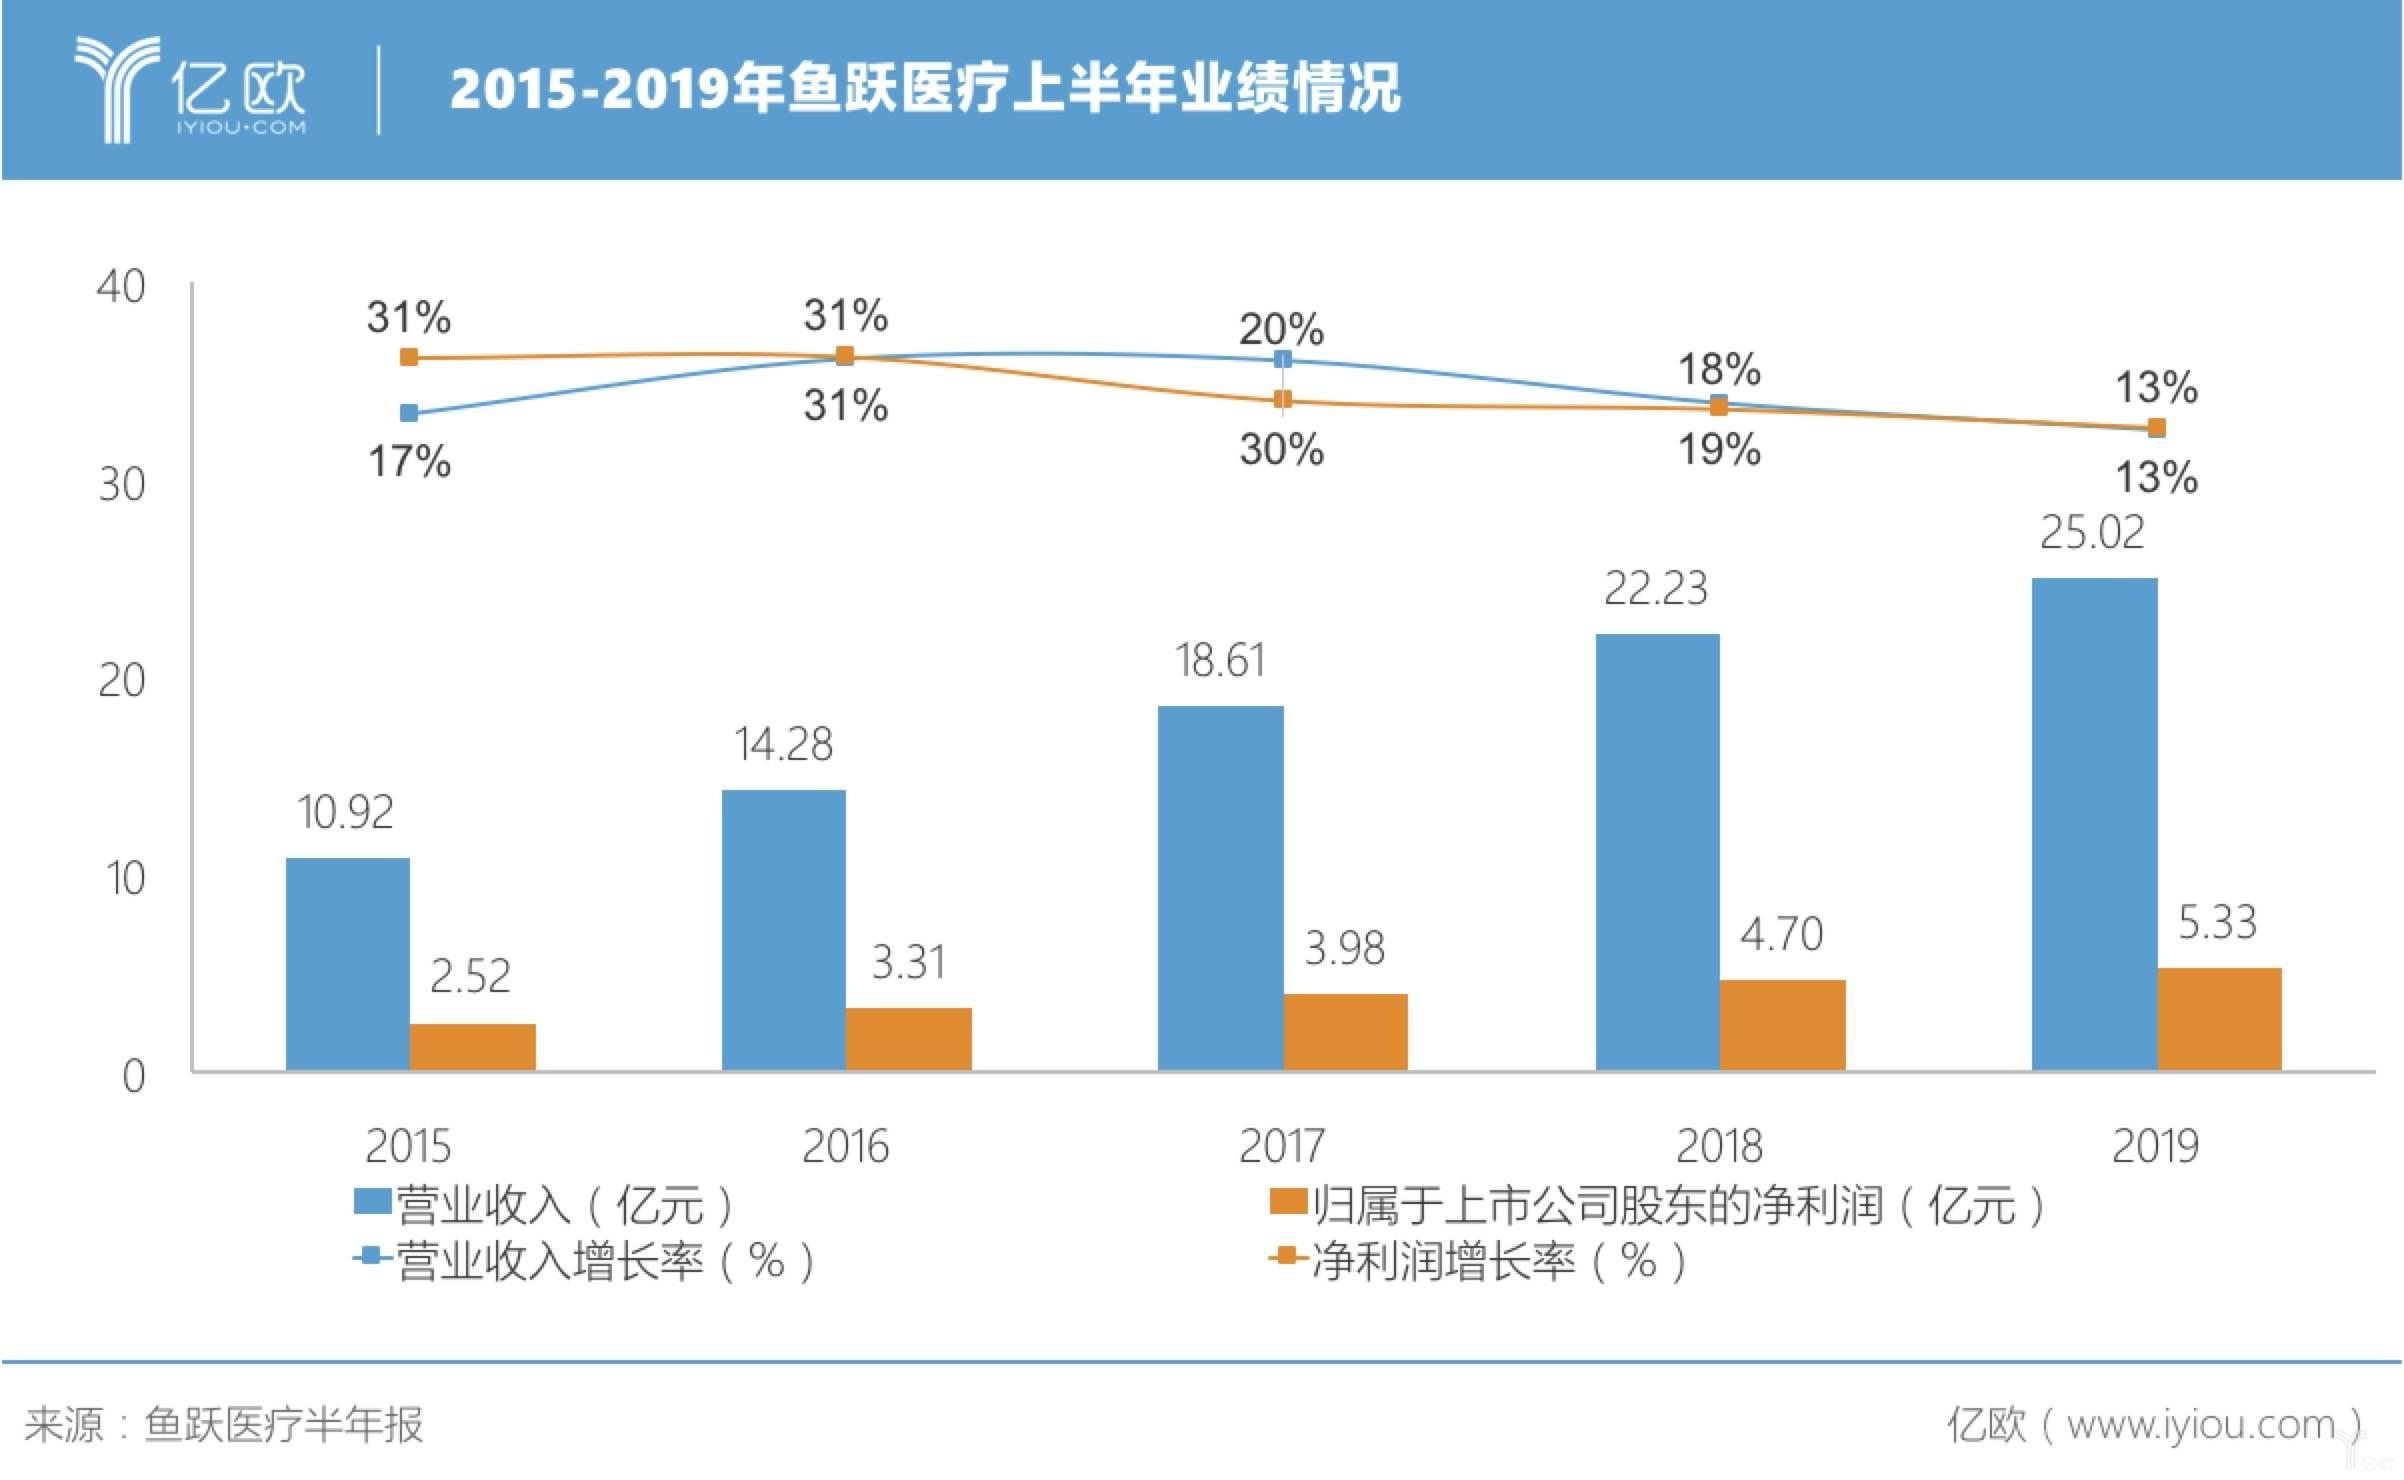 2015-2019年鱼跃医疗上半年业绩